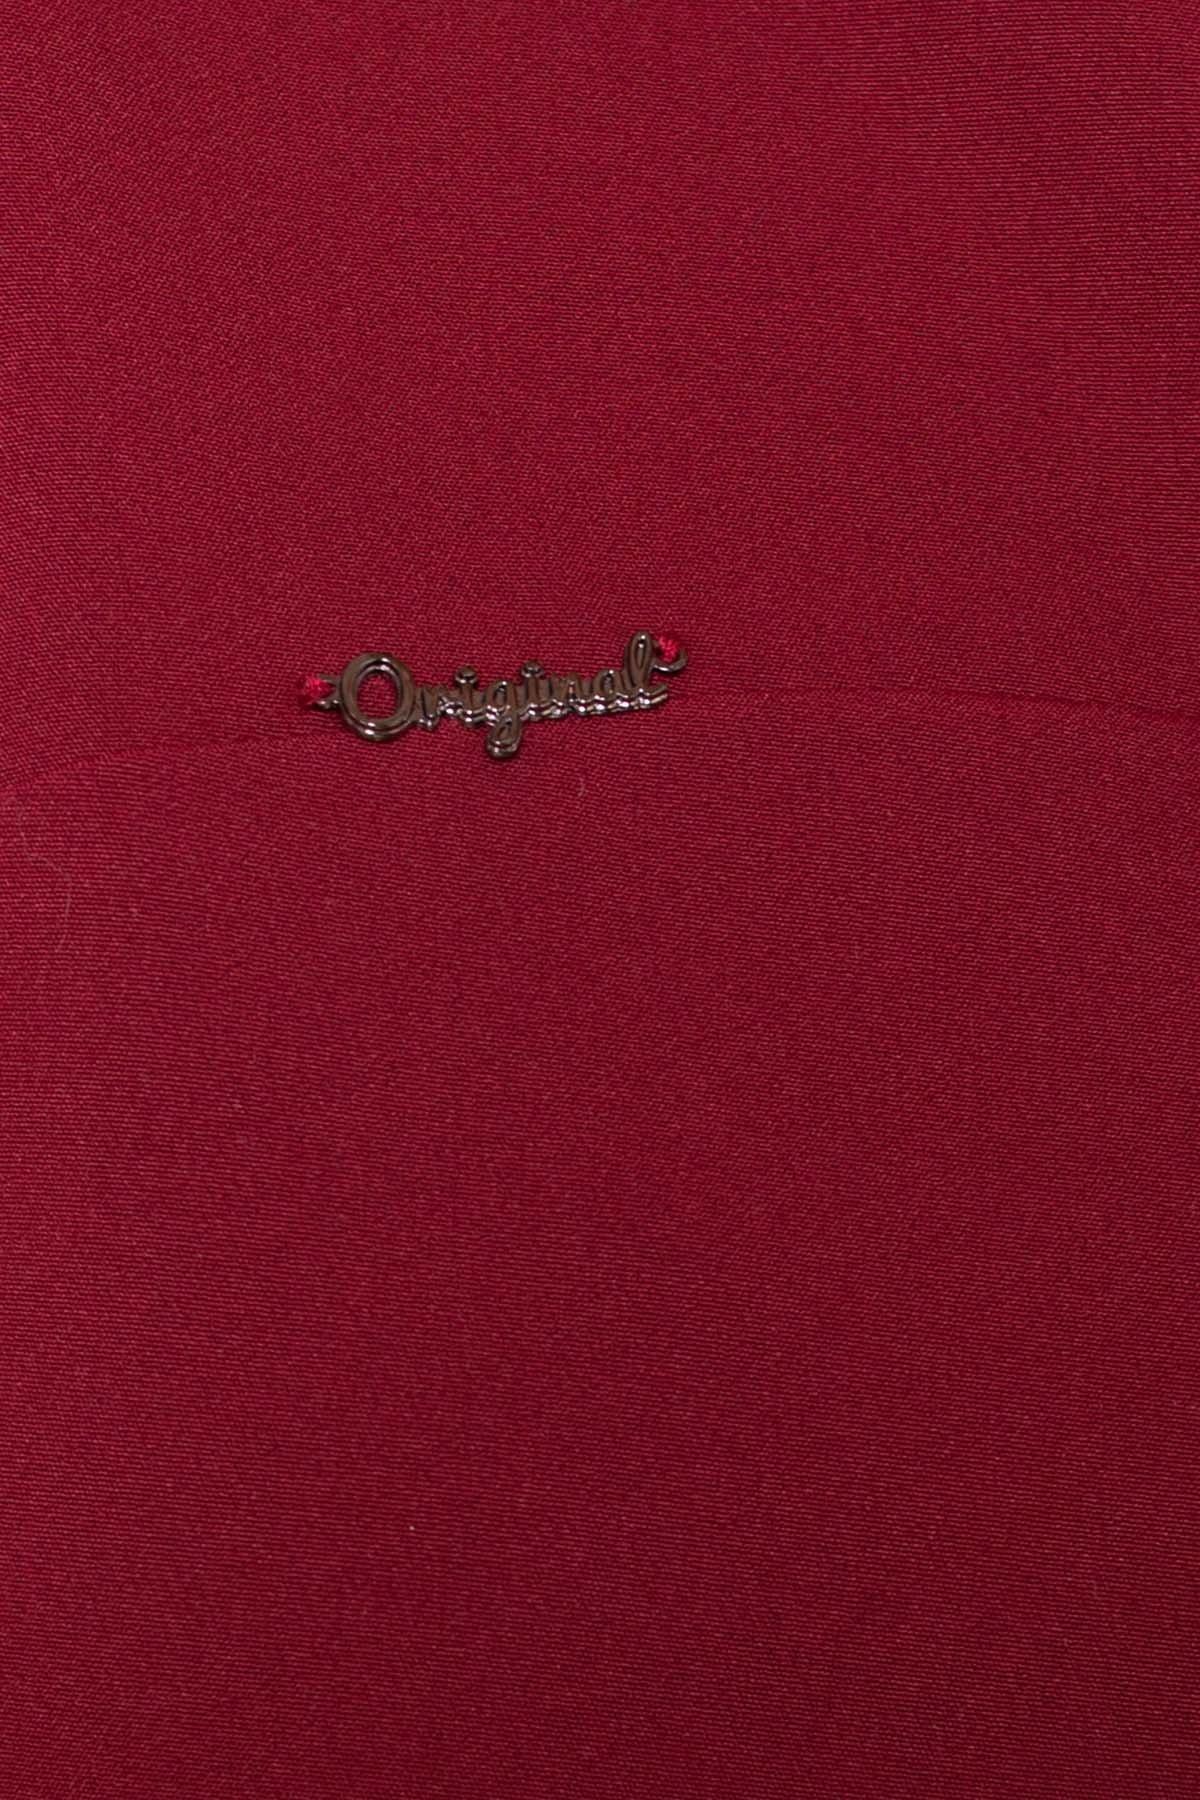 Платье Делафер 3245 АРТ. 16715 Цвет: Марсала - фото 4, интернет магазин tm-modus.ru